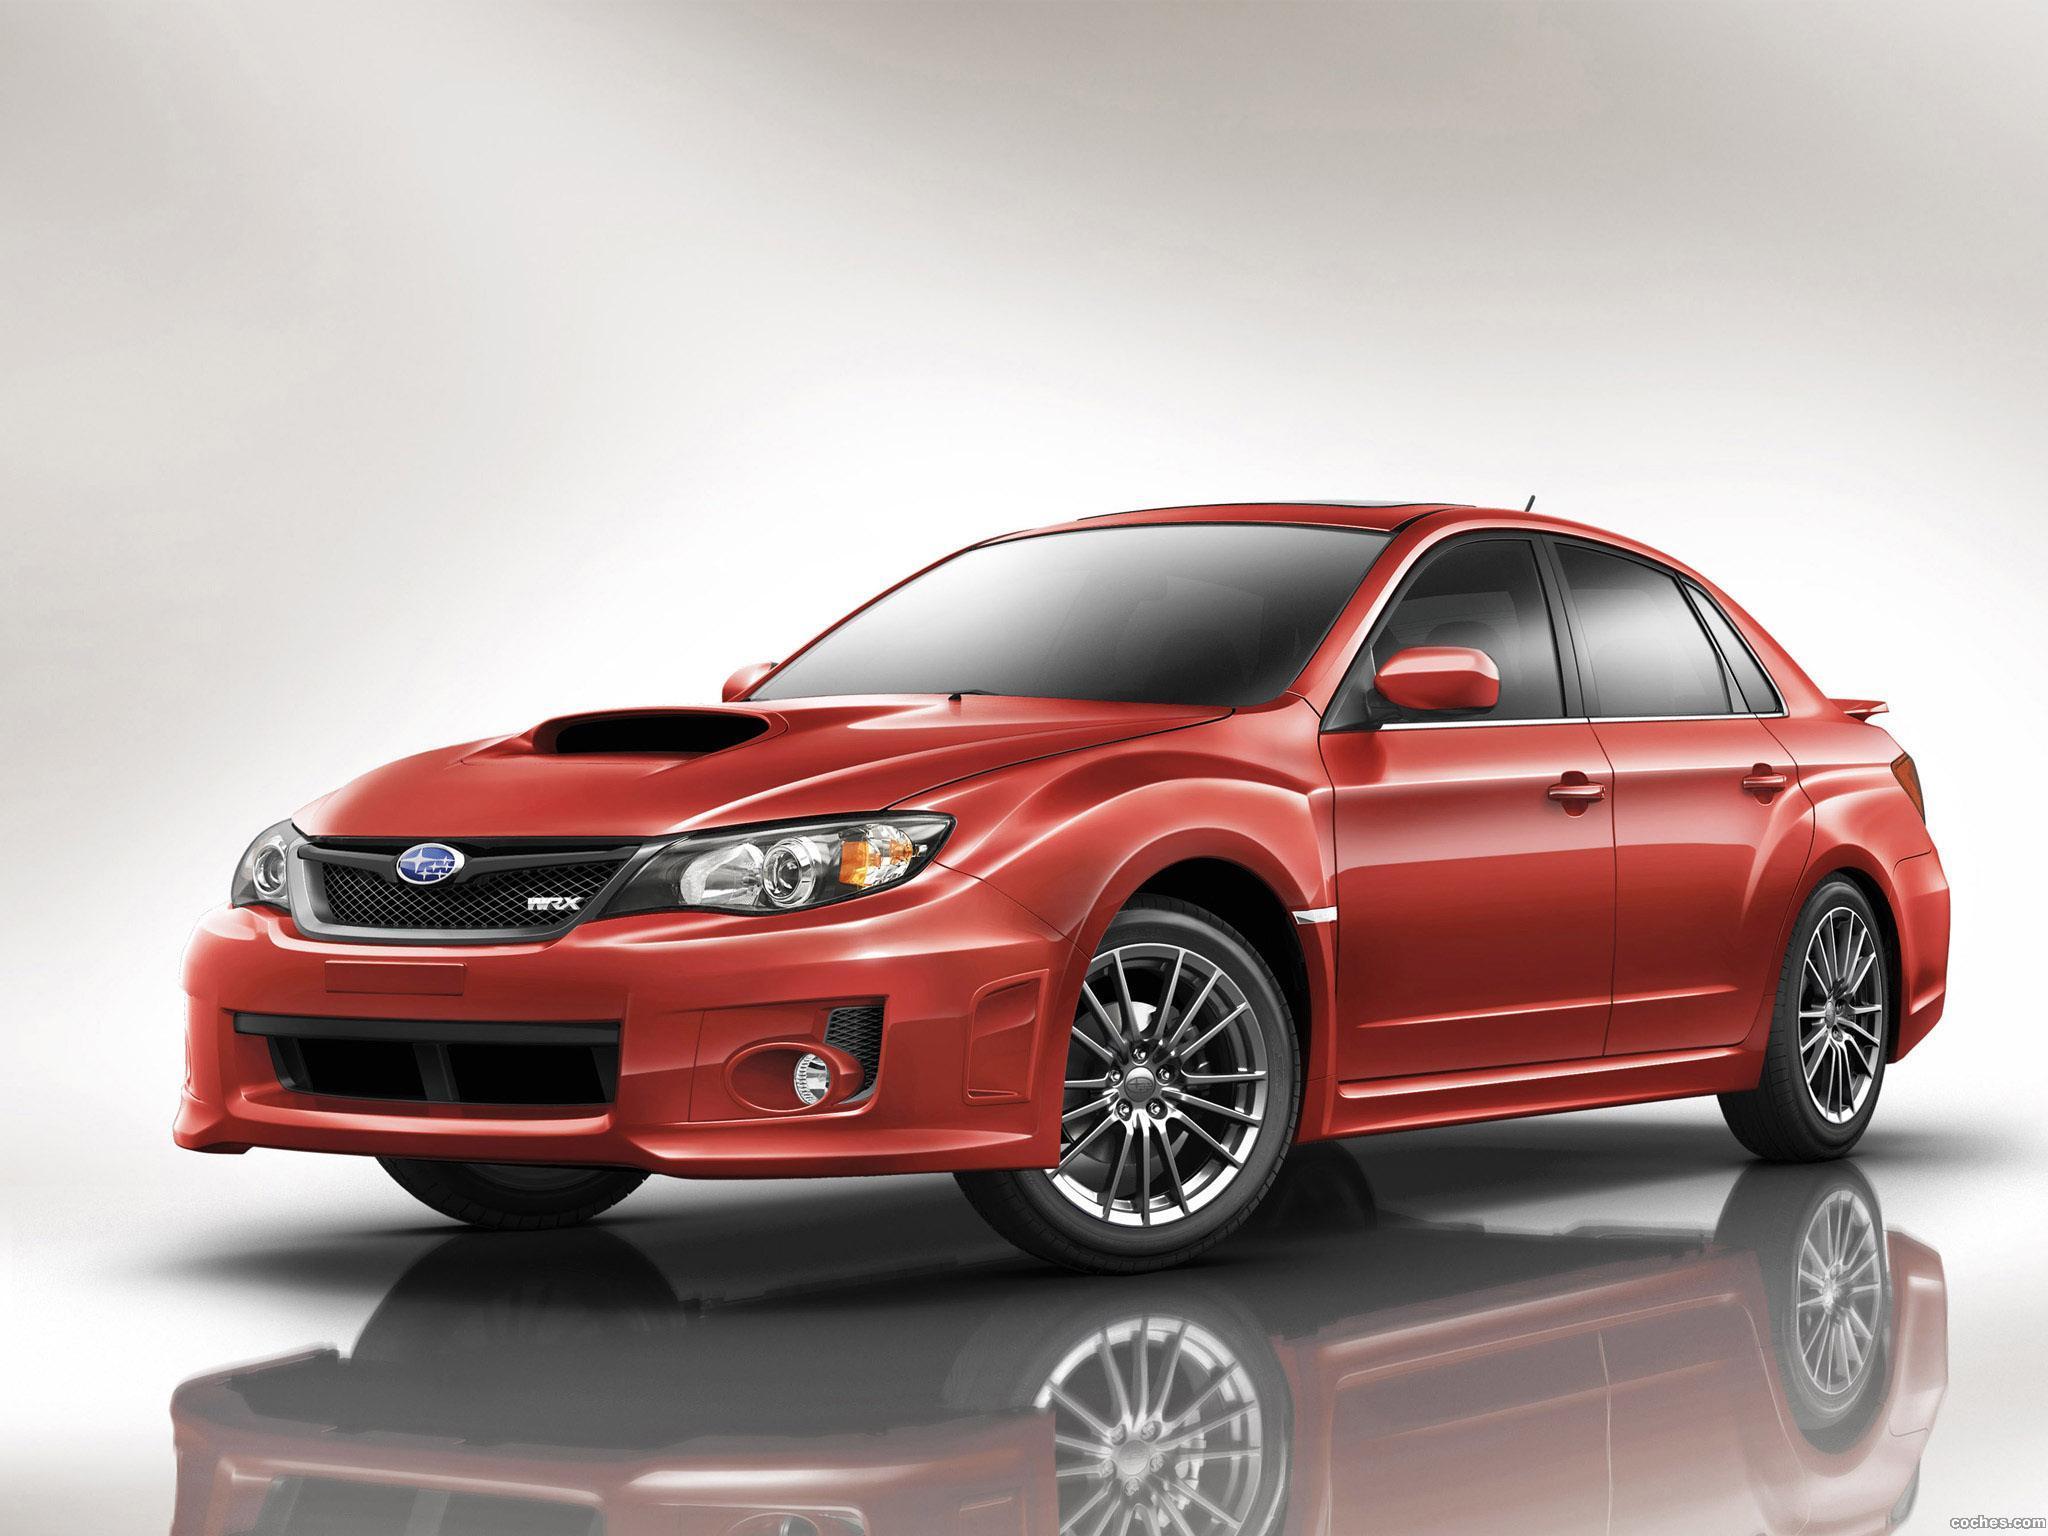 Foto 3 de Subaru Impreza WRX Sedan USA 2010